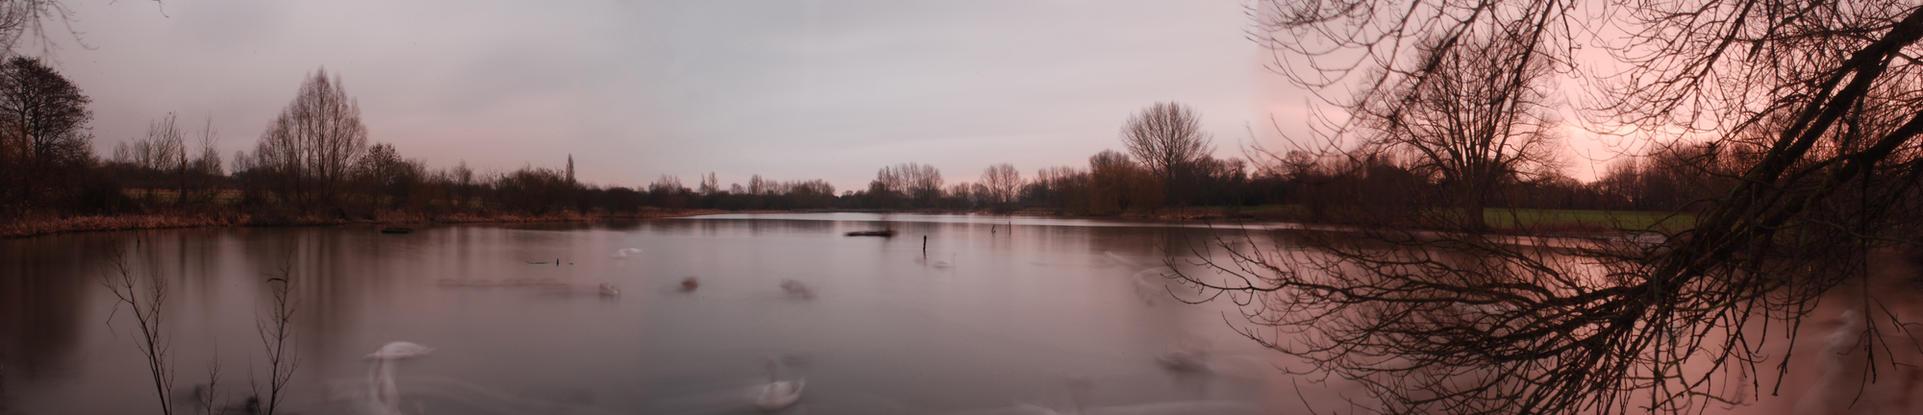 STRIKING SUNLIGHT - Wyken Slough, West Midlands by ili137